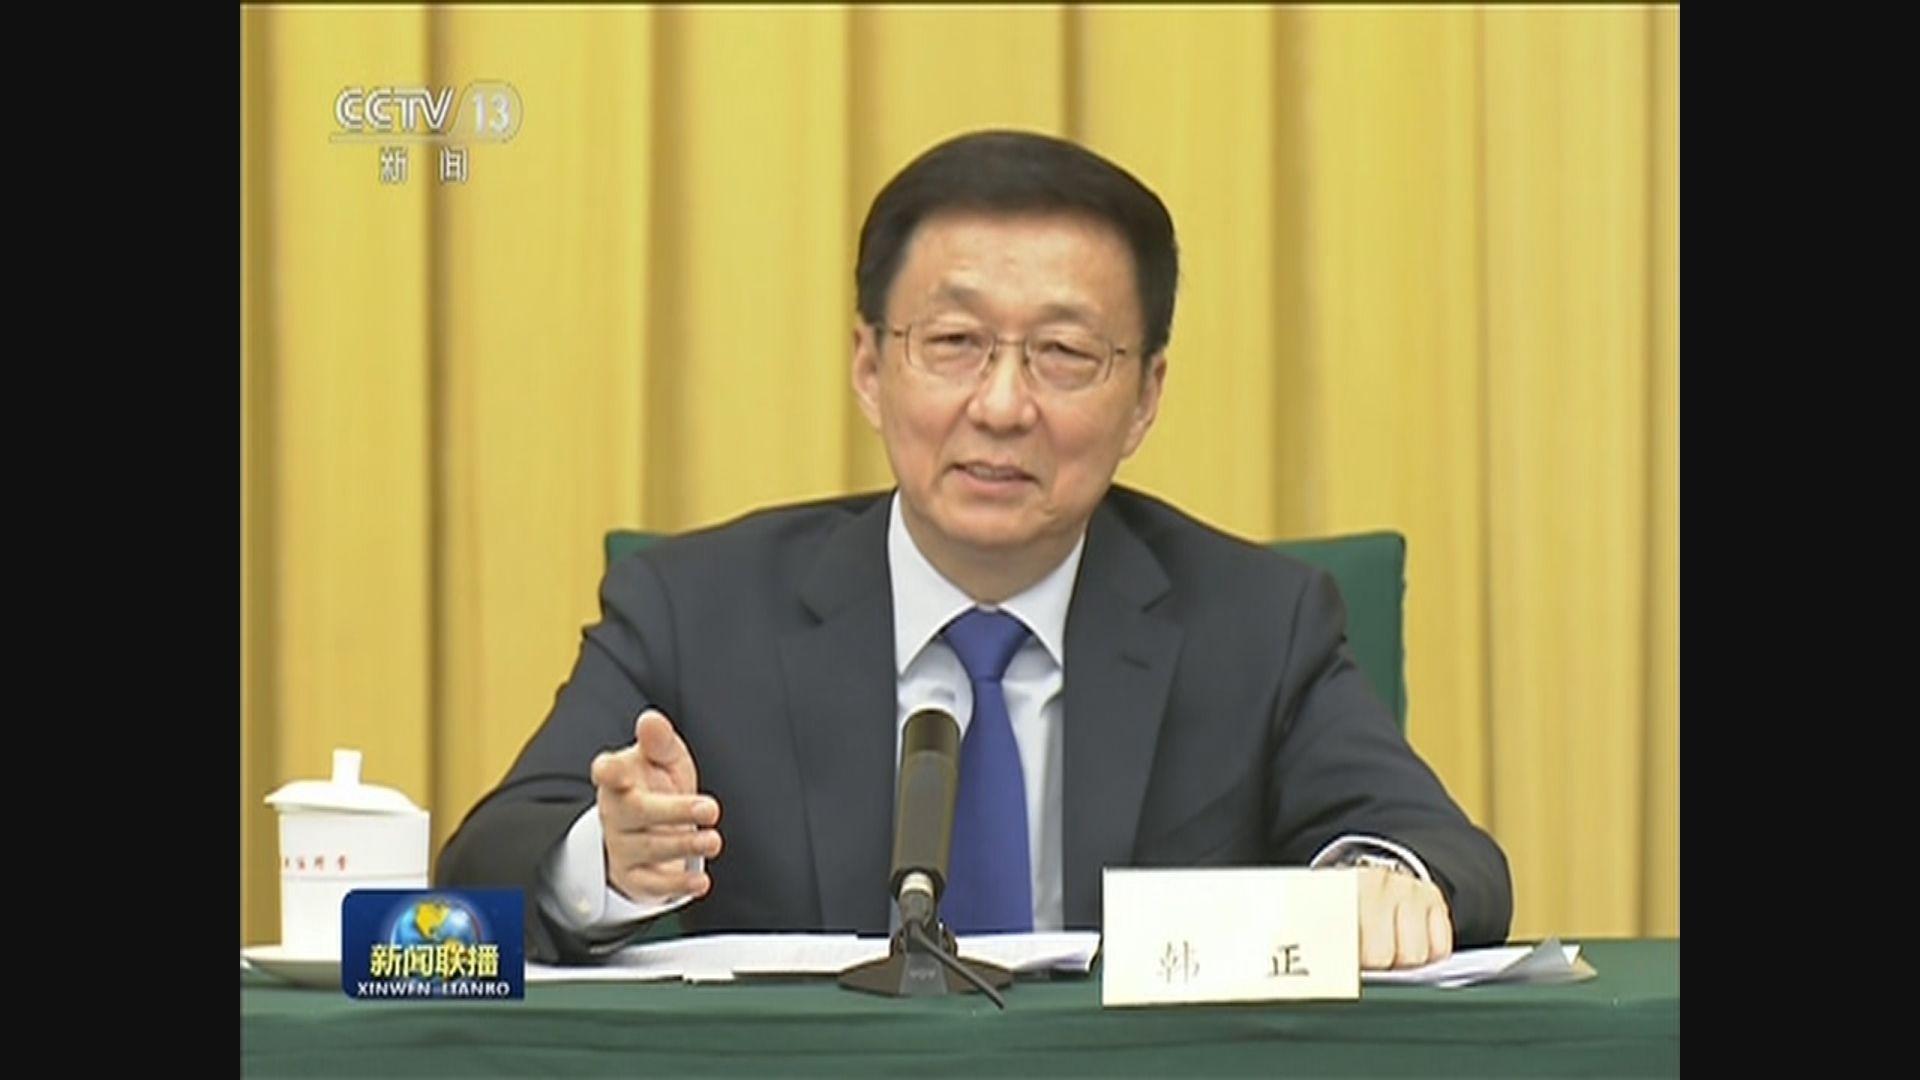 韓正見人大:國安法打擊極少數 保障大多數